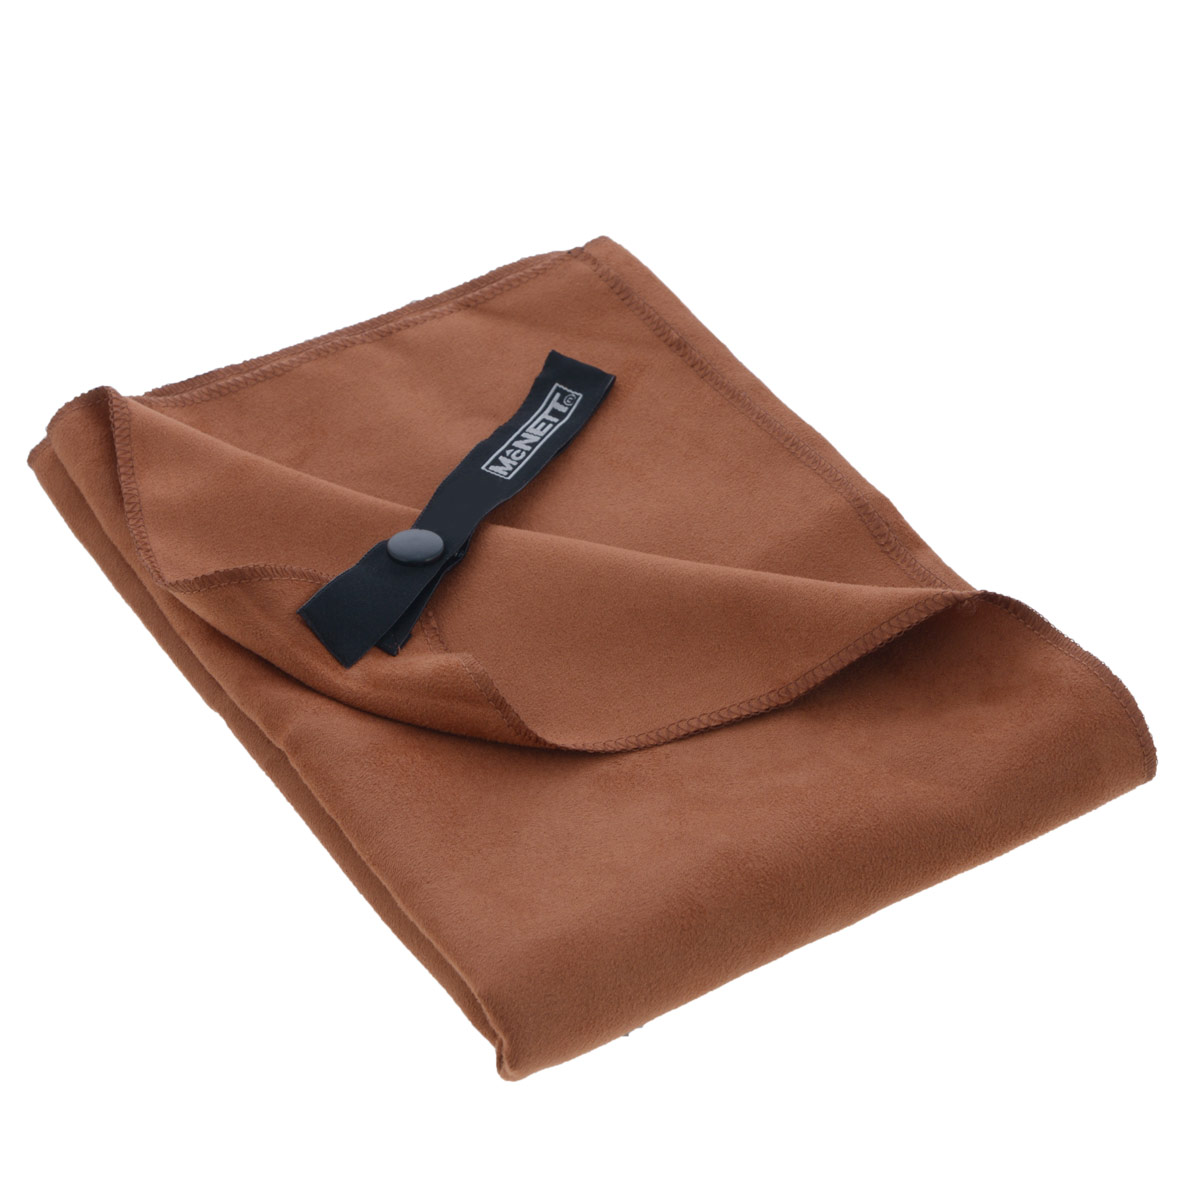 Полотенце McNett Outgo, цвет: терракот, 77 см х 128 смKOC-H19-LEDМикроволоконное полотенце McNett Outgo - это специально разработанная высокоплотная вязаная чрезвычайно компактная ткань с абсолютно уникальными впитывающими и чистящими свойствами. Сверхтонкие (0.2 денье) микроволоконные сплетения быстро сохнут - 90% воды удаляется при ручном отжиме. Приятное на ощупь, обладающее уникальными свойствами микроволокон, полотенце McNett Outgo идеально подойдет любителям различных поездок, походов и водных видов спорта. В комплекте удобный чехол, выполненный из сетки с водоотталкивающей подкладкой.